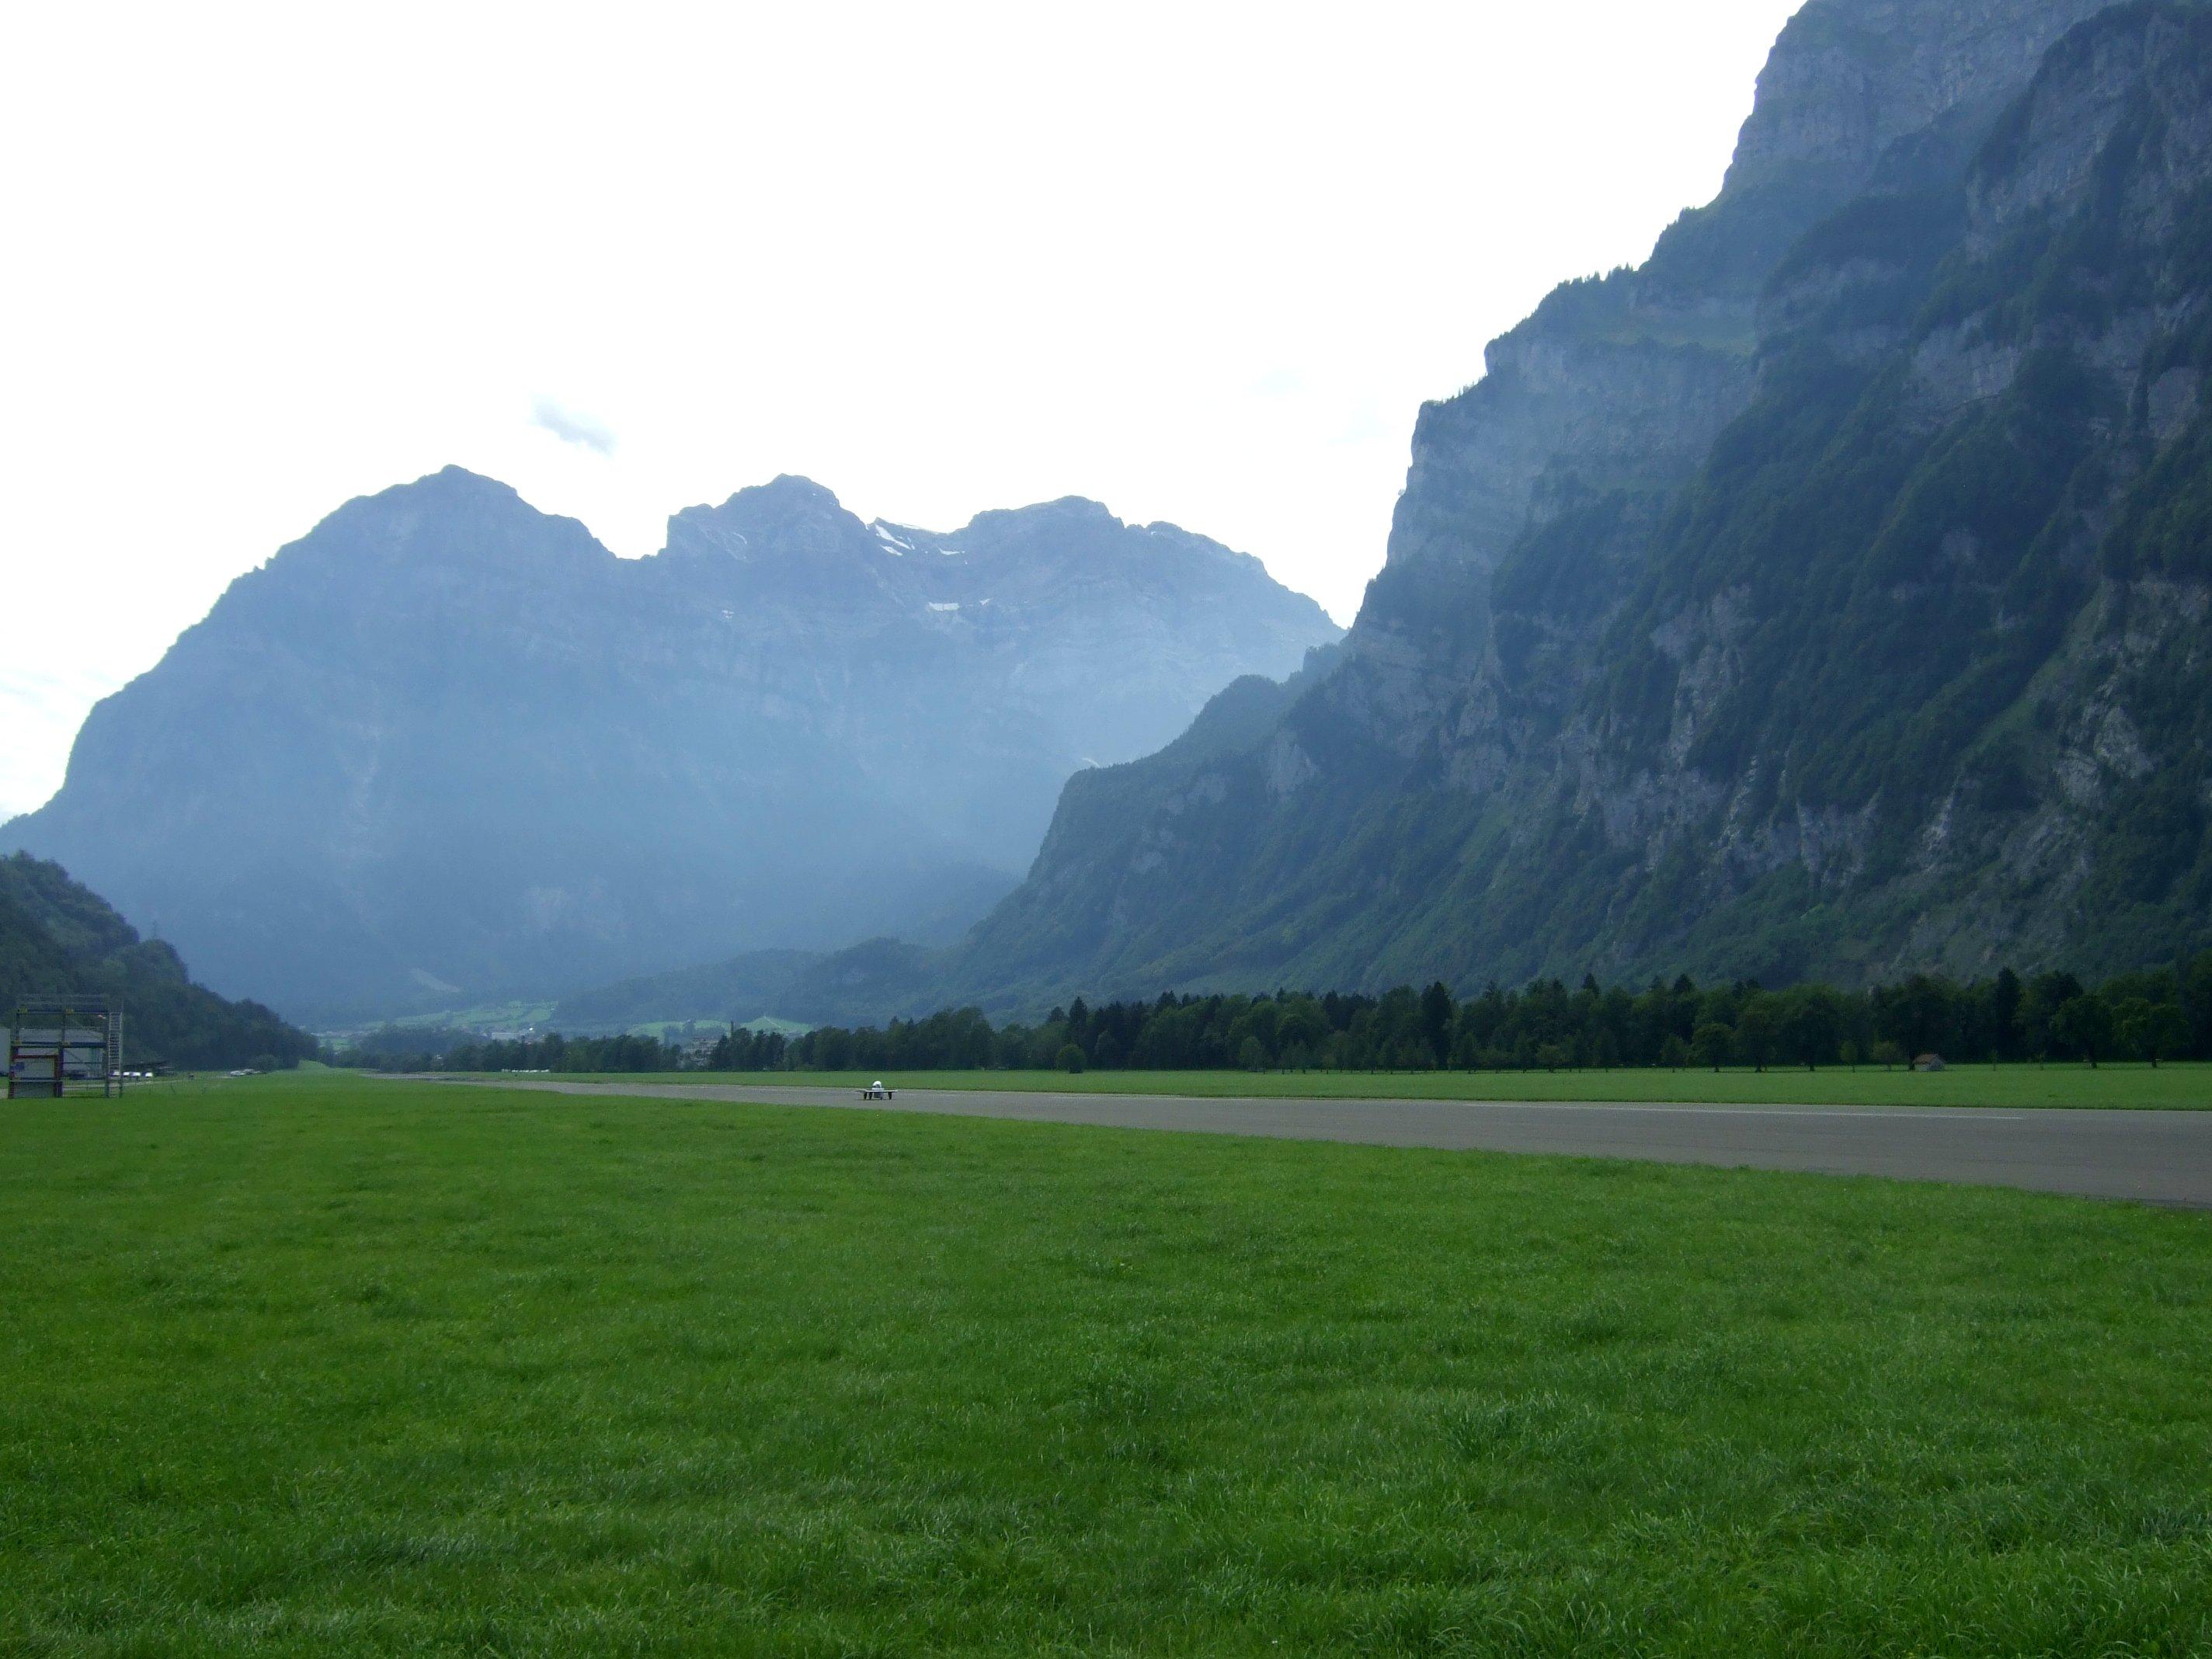 Kleines Auto auf grosser Fahrt und langer Piste neben hohen Bergen.